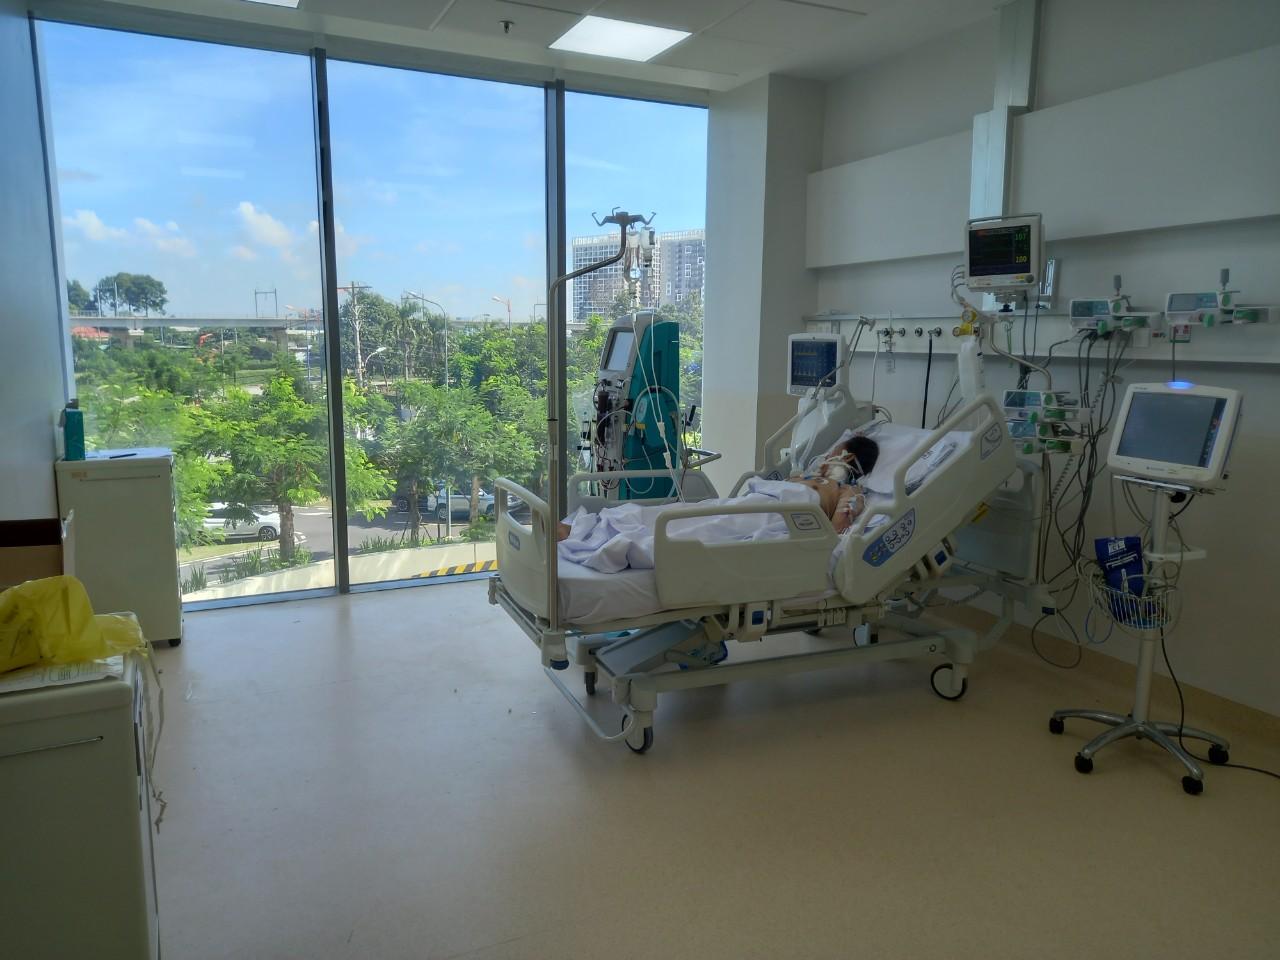 Bệnh nhân COVID-19 tại Bệnh viện Hồi sức COVID-19 (TPHCM).